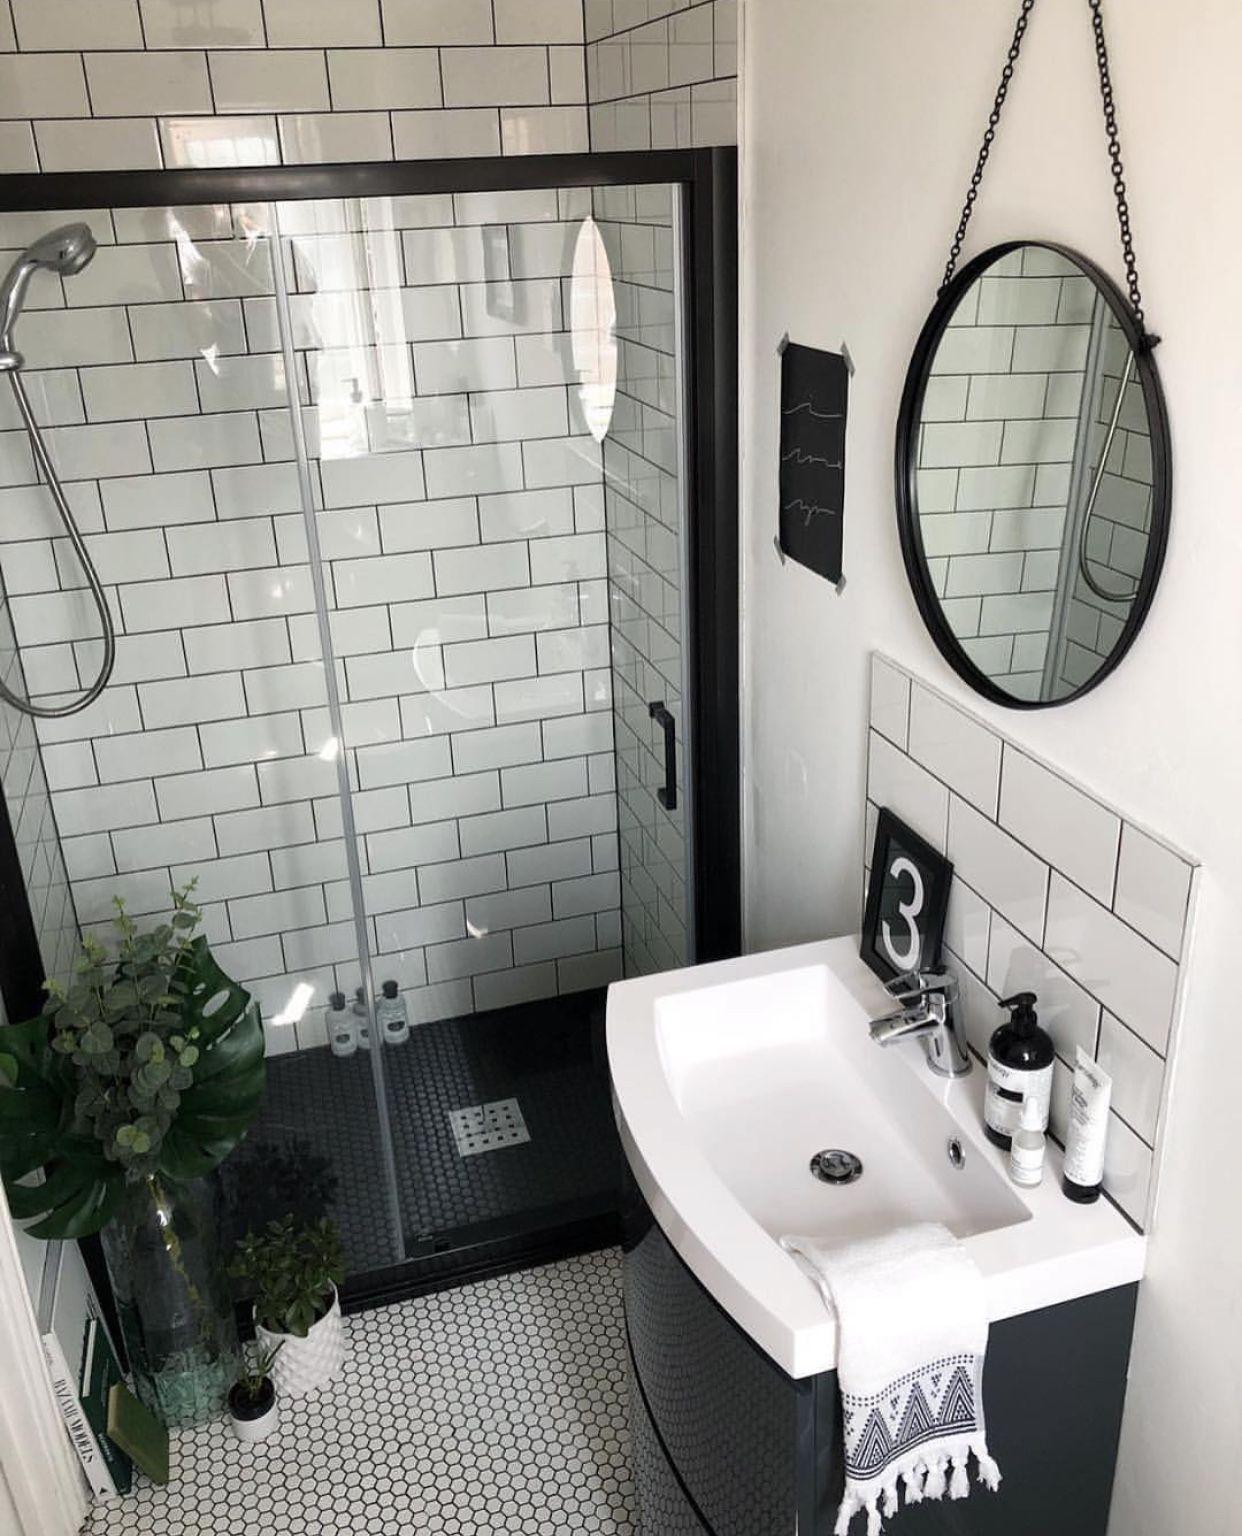 Putting Together Basement Bathroom Plans – House Viral Gossip